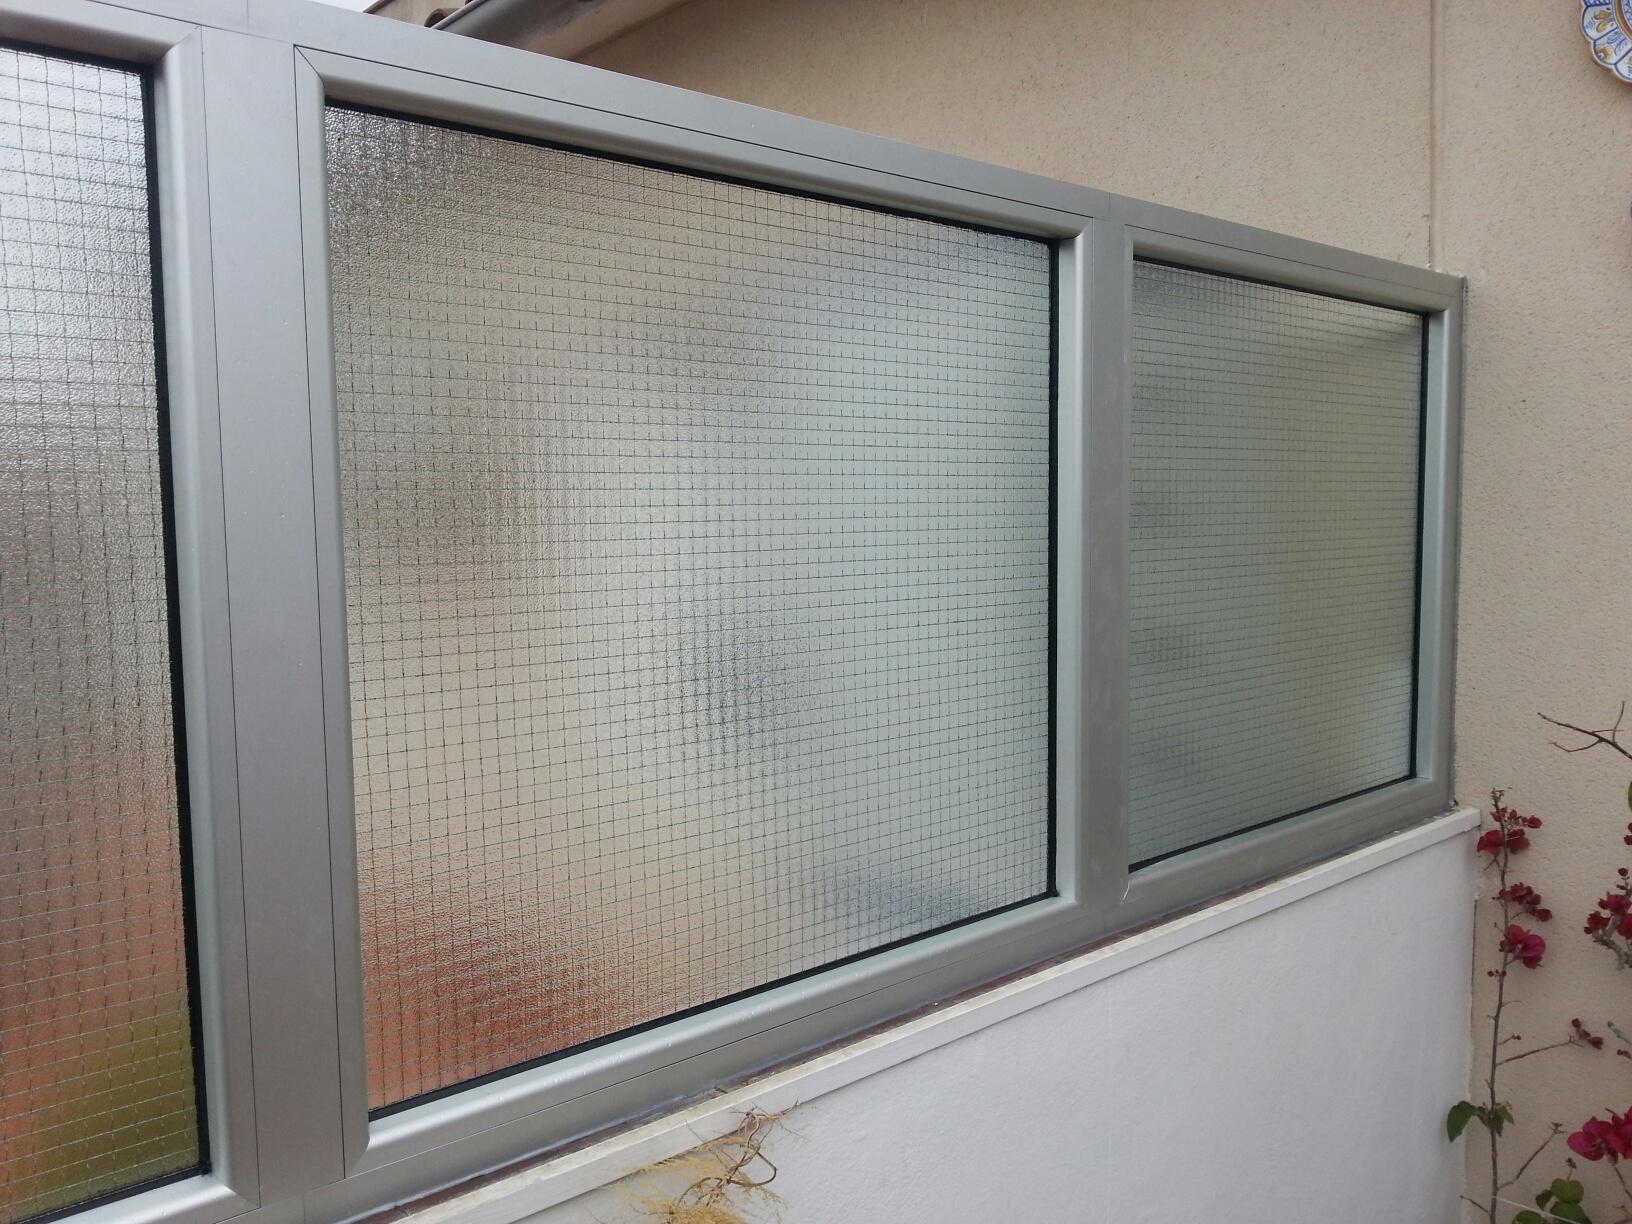 Divisi n de aluminio entre terrazas en un bloque de pisos - Estructuras de aluminio para terrazas ...